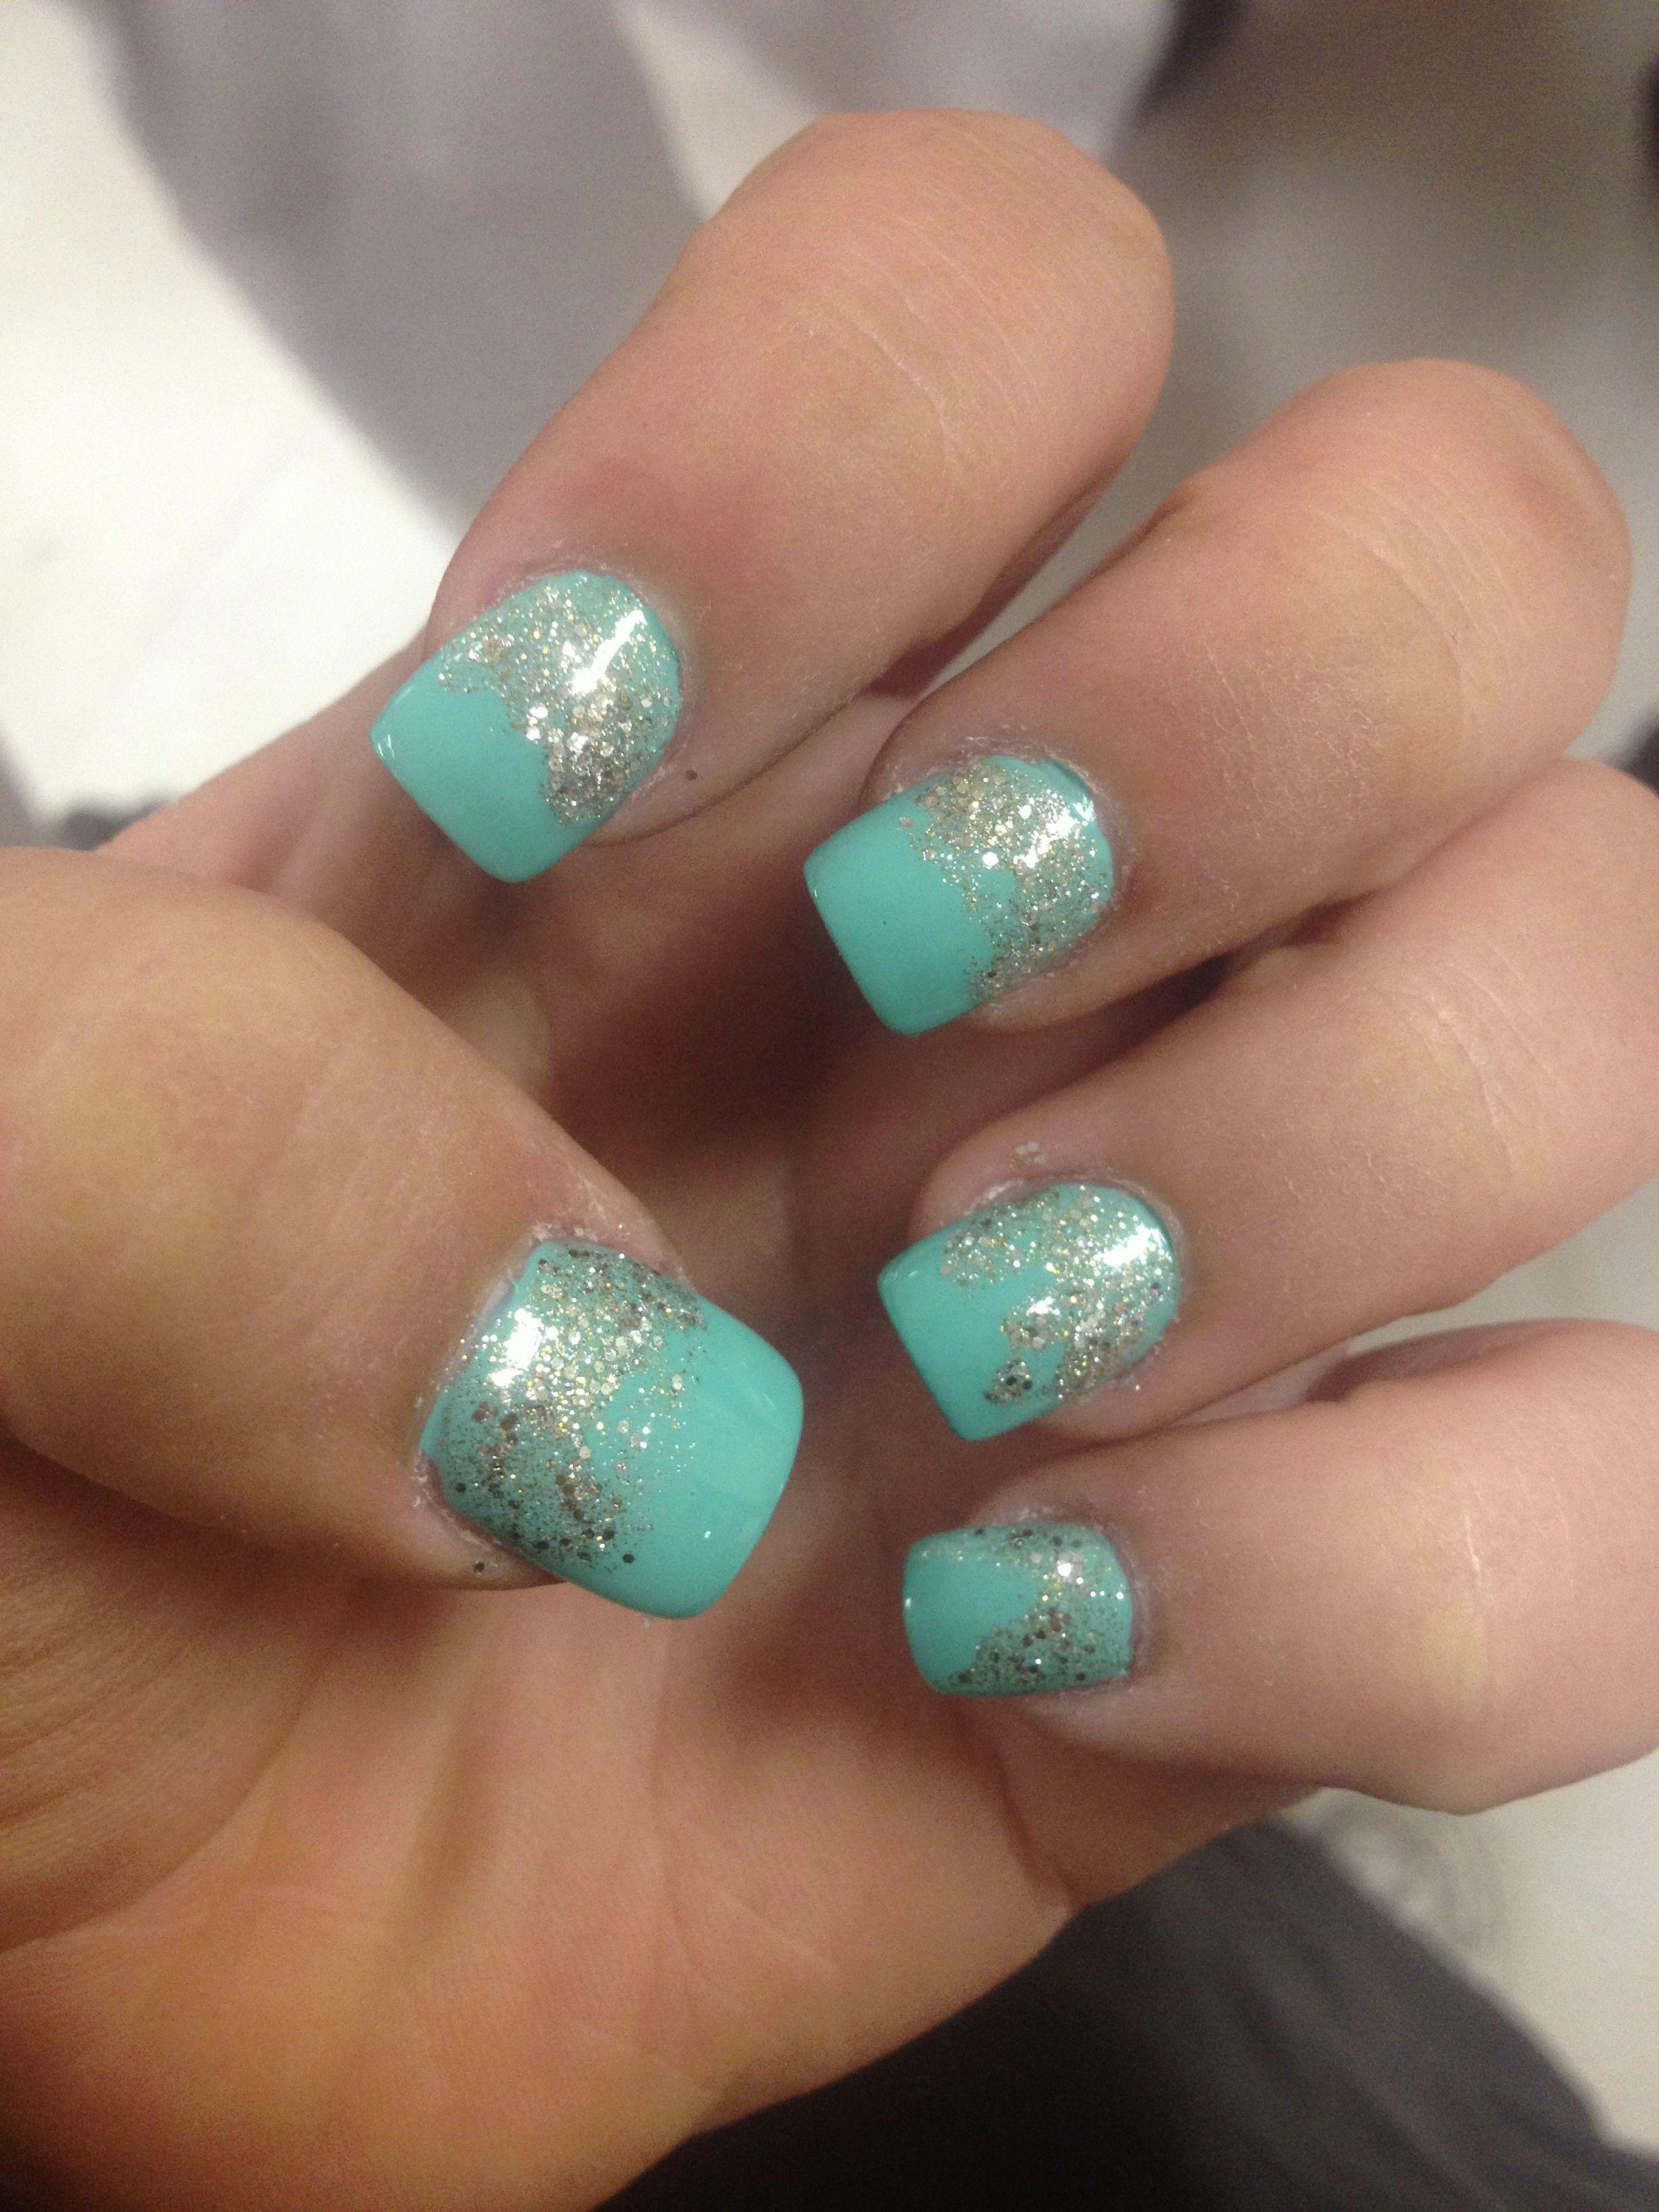 Prom nails | Rami's stuff | Pinterest